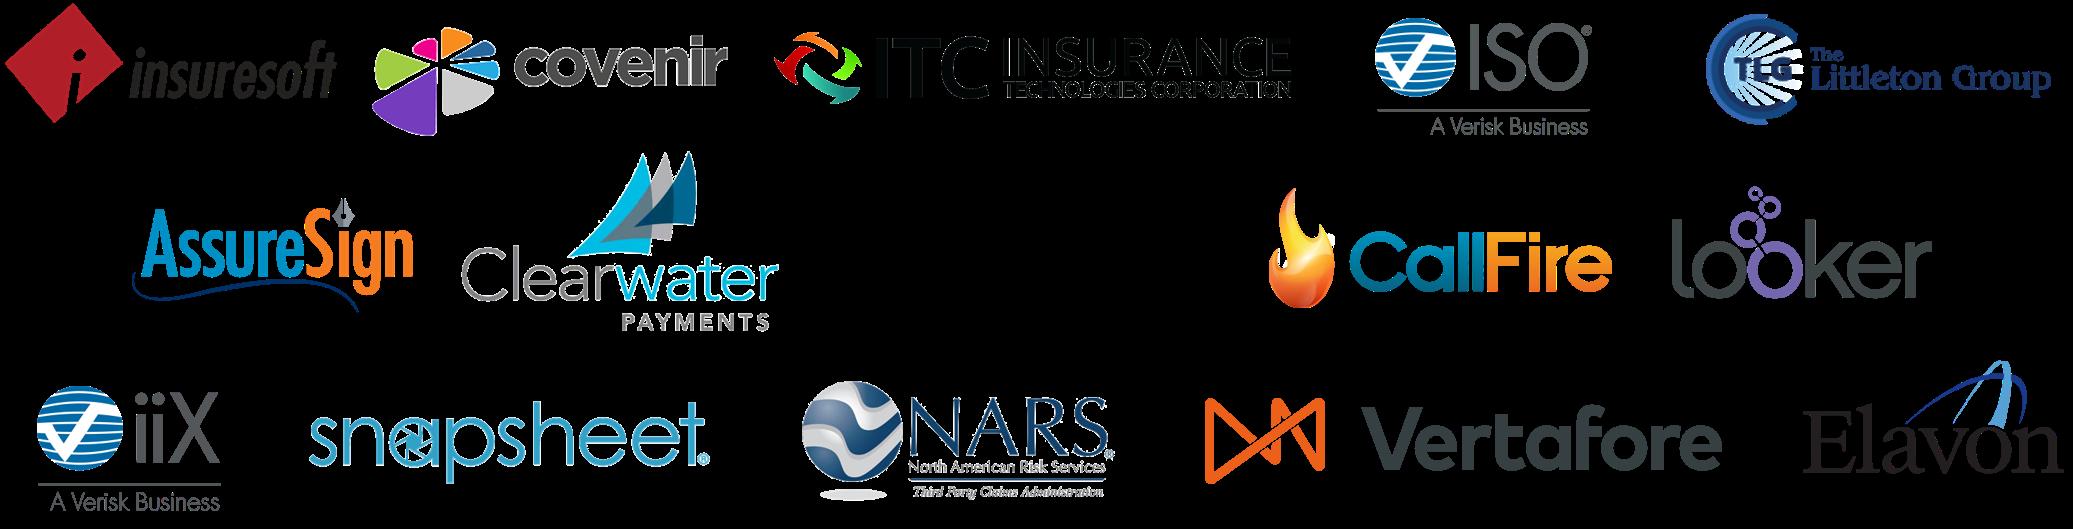 amigo integration partners logos